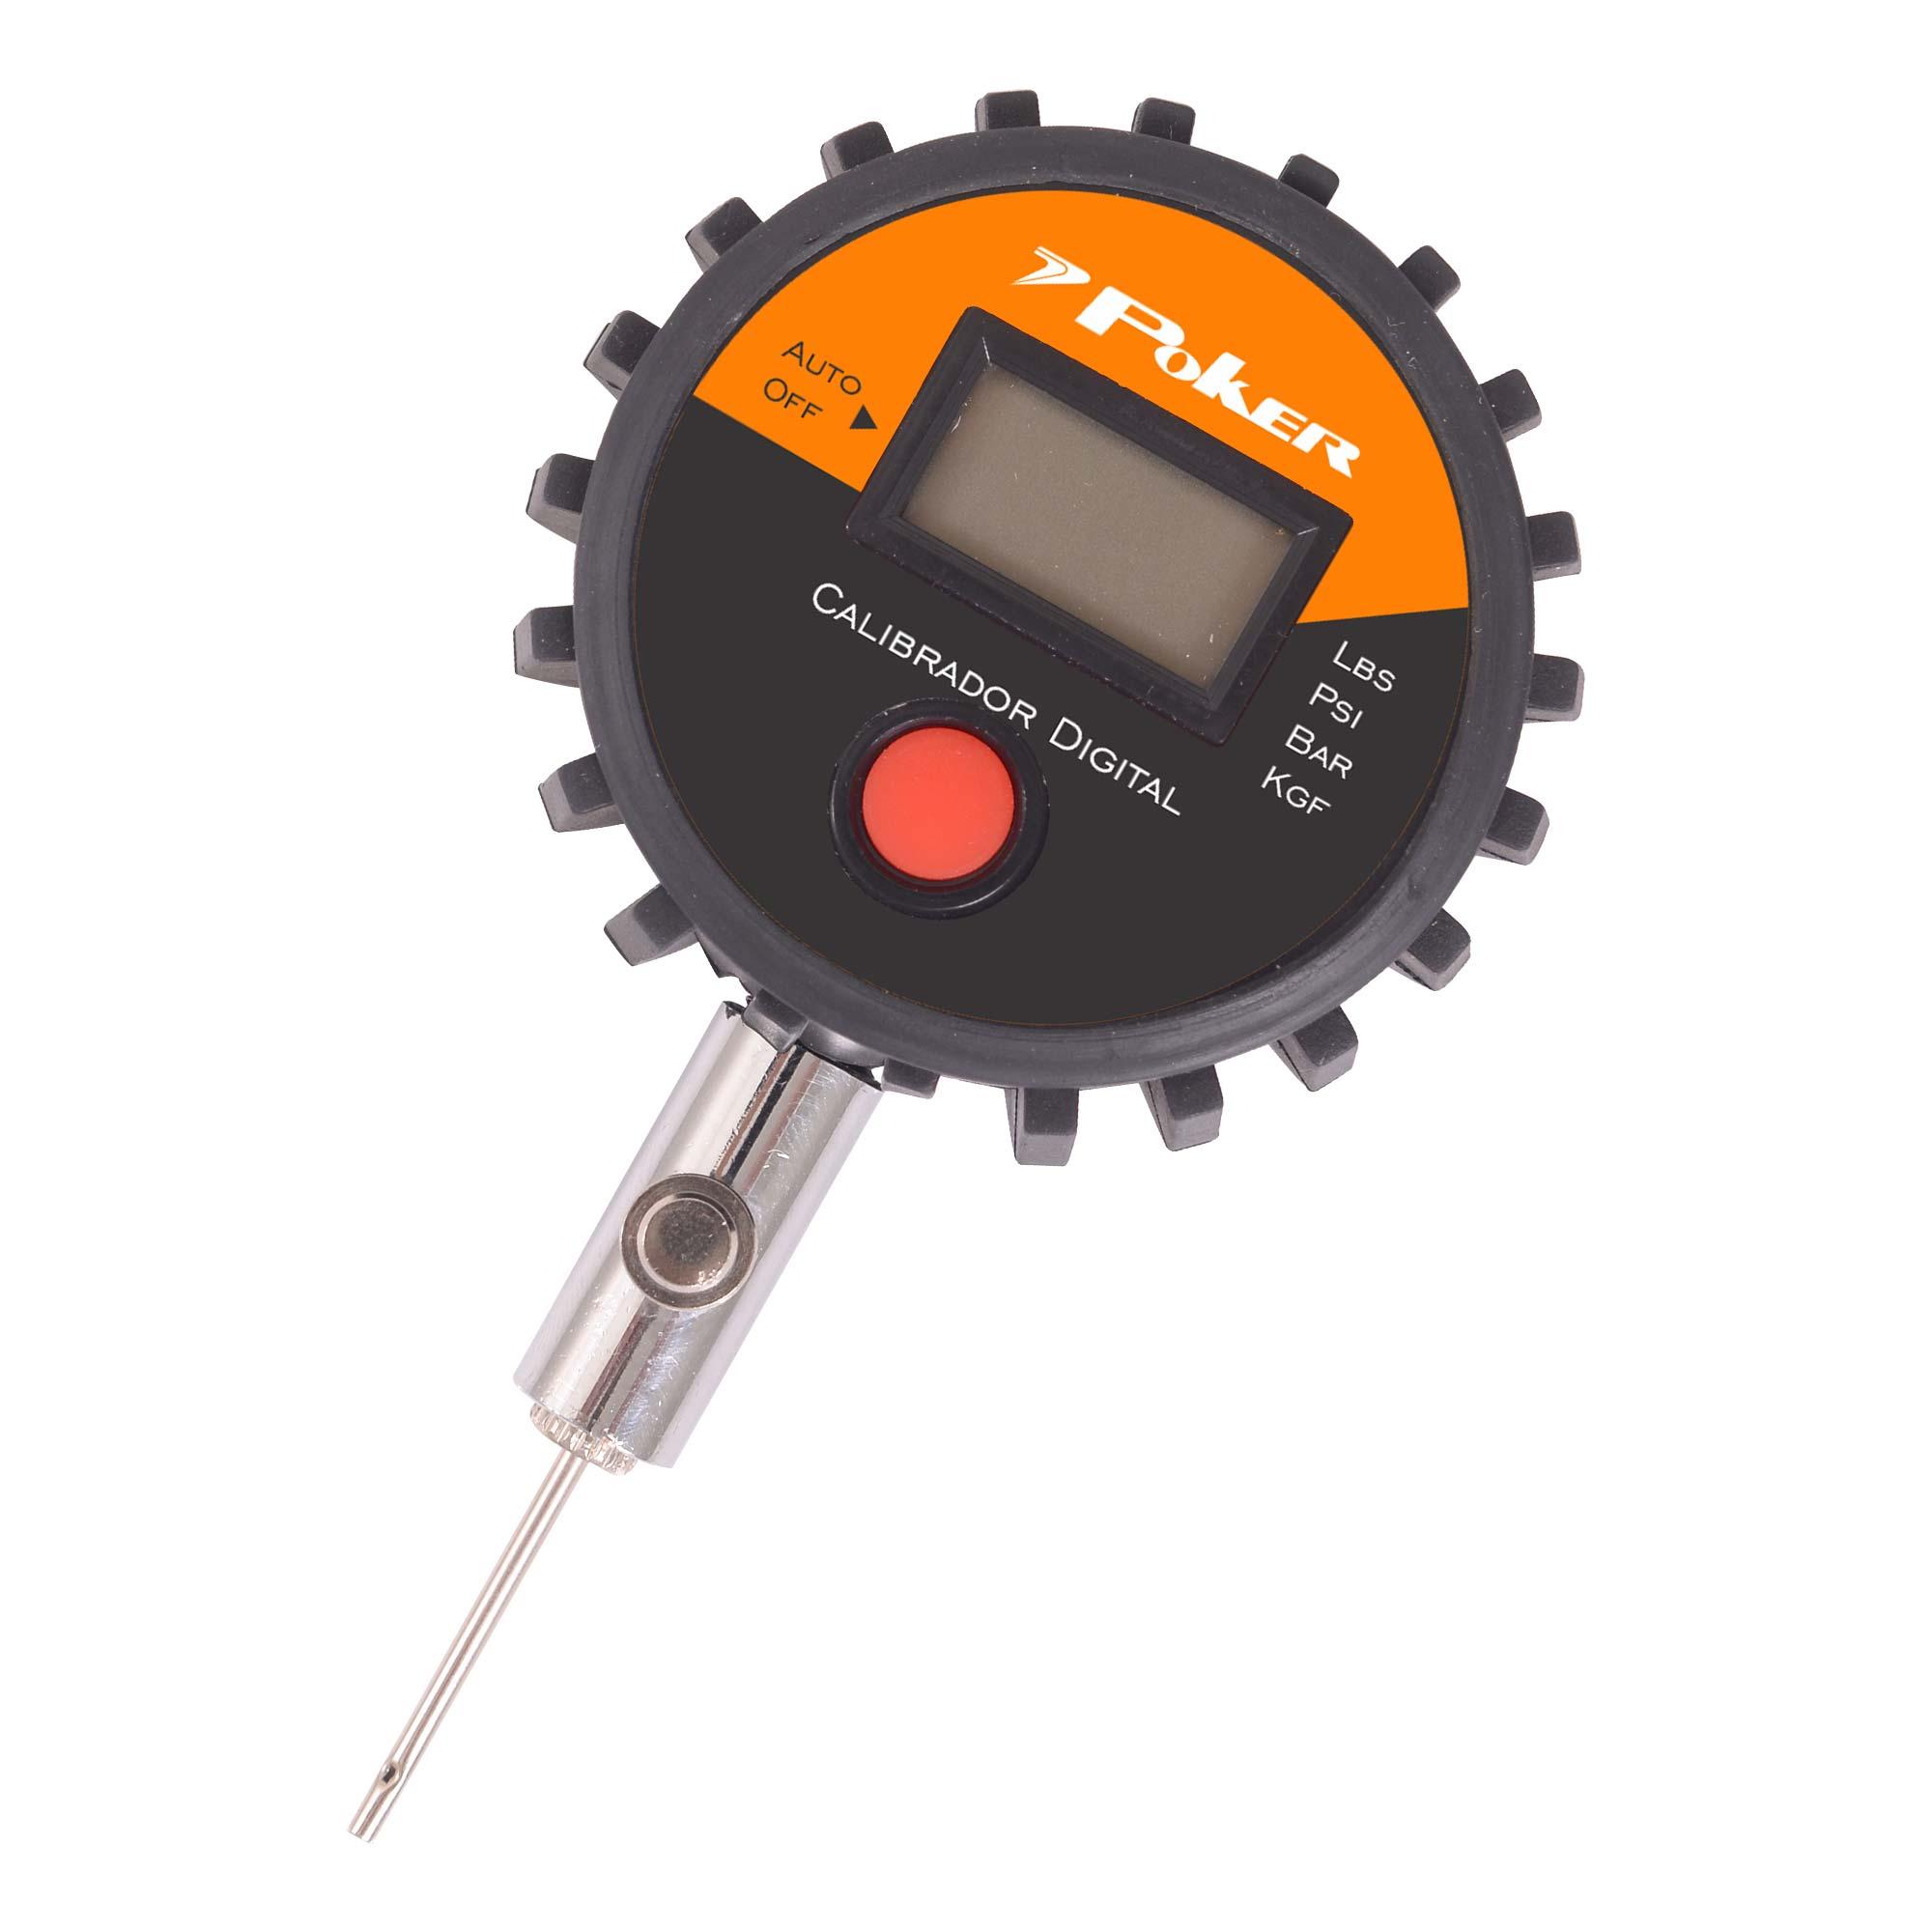 Calibrador de Bolas Digital 09053